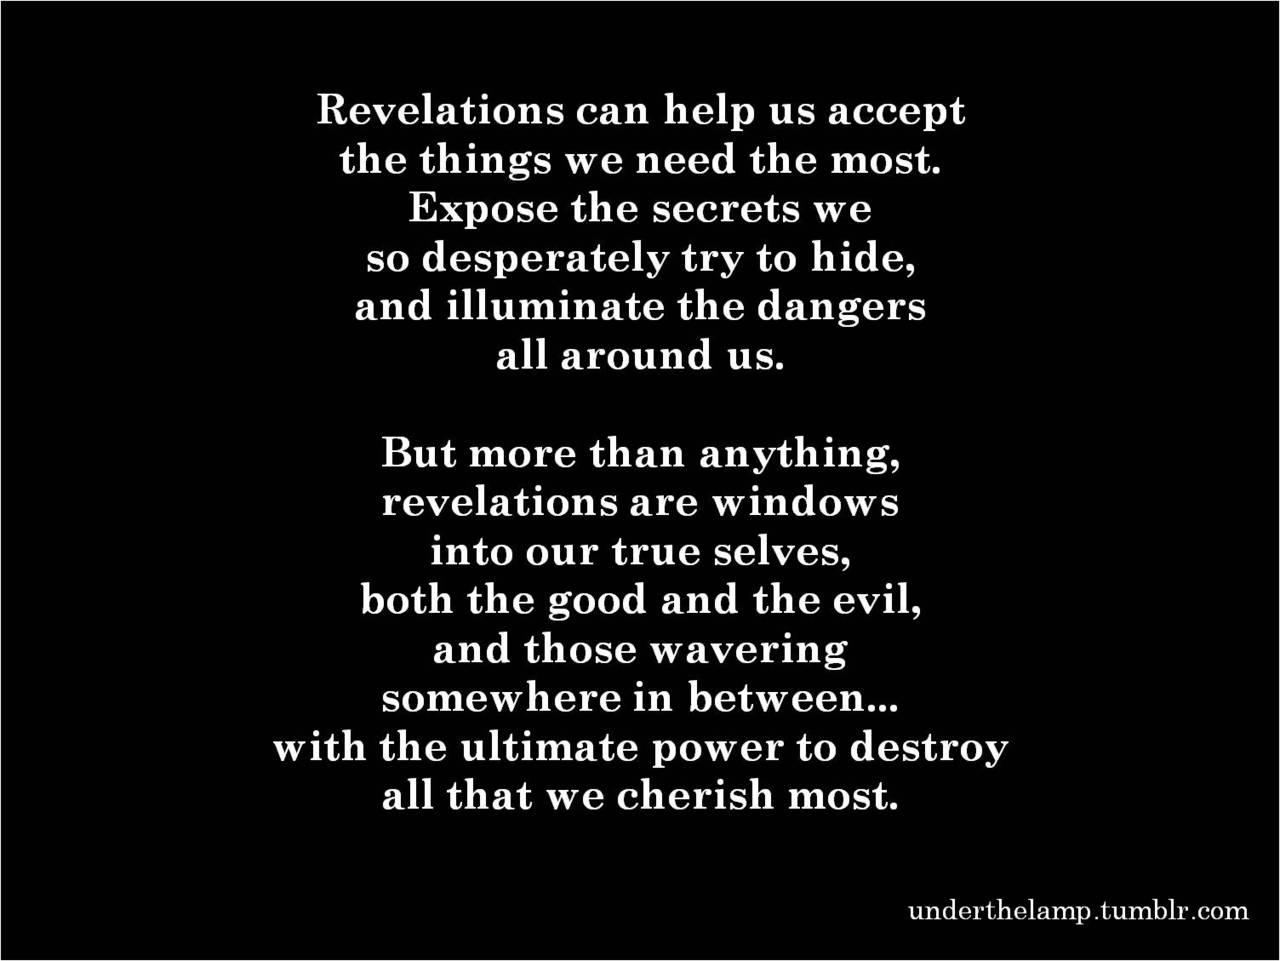 Revelations quote #1